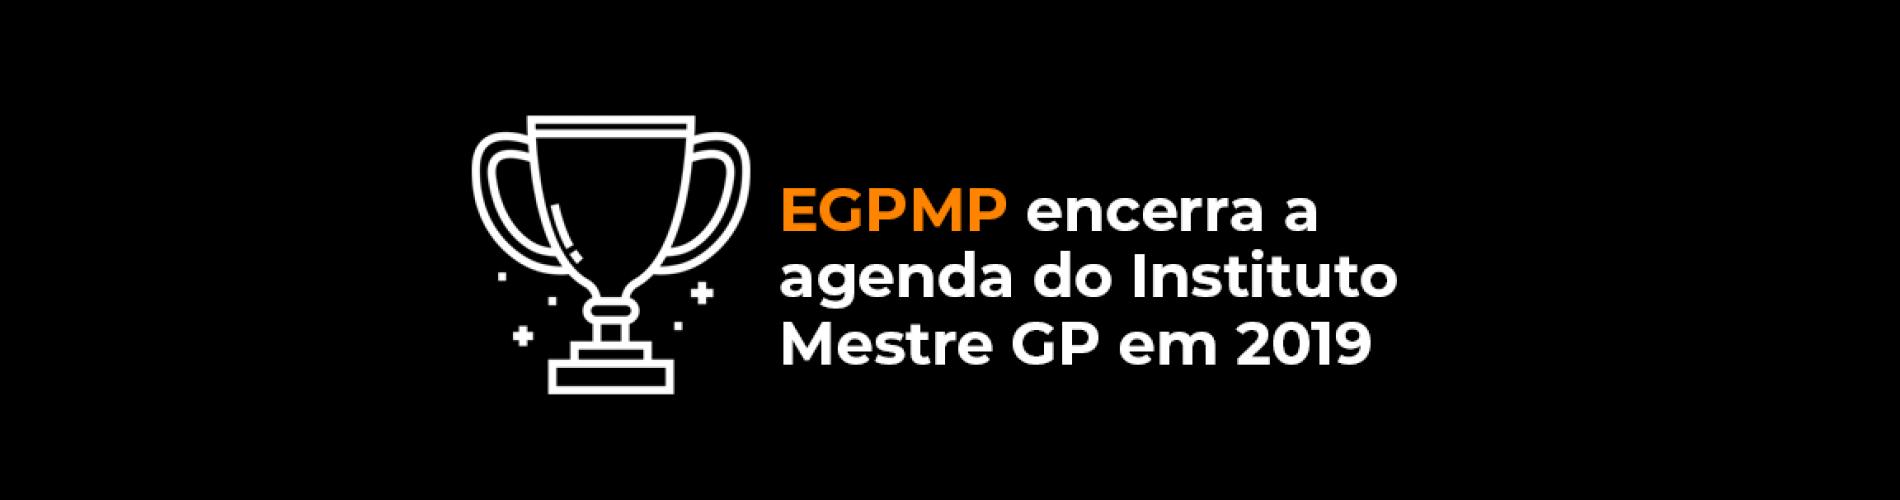 egpmp-encerra-a-agenda-do-instituto-mestre-gp-em-2019